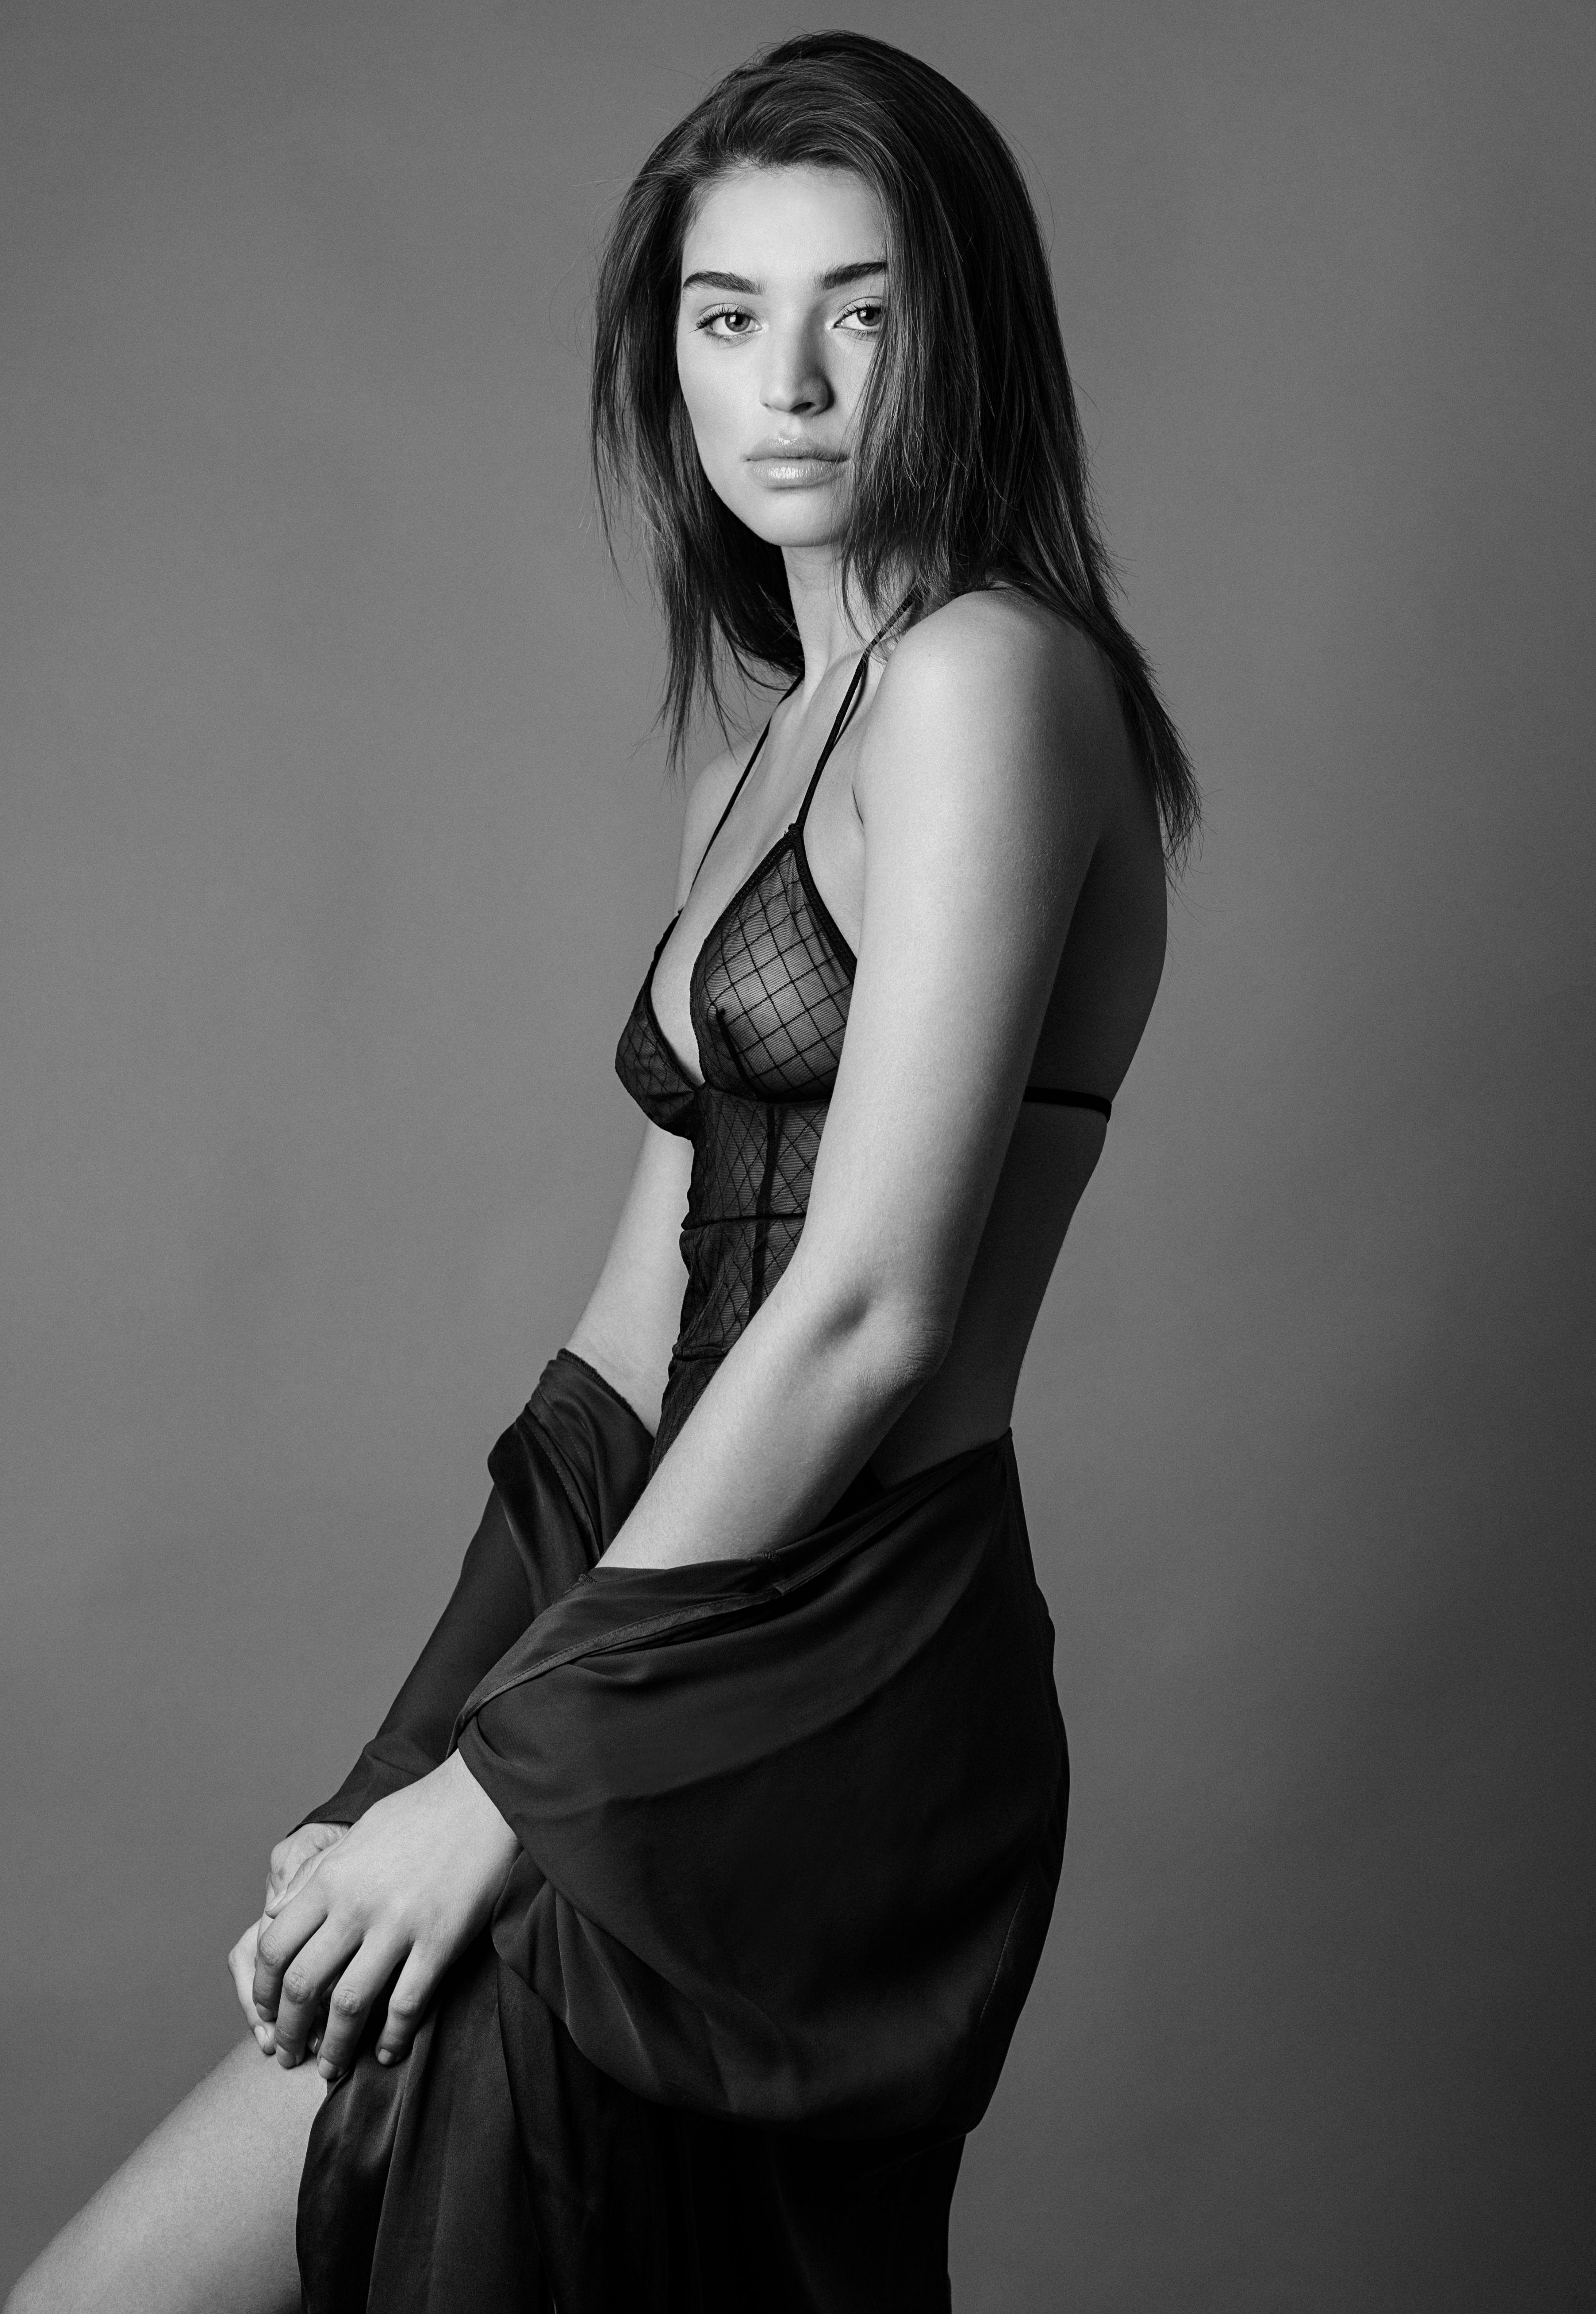 Daniela-Lopez-Osorio-1